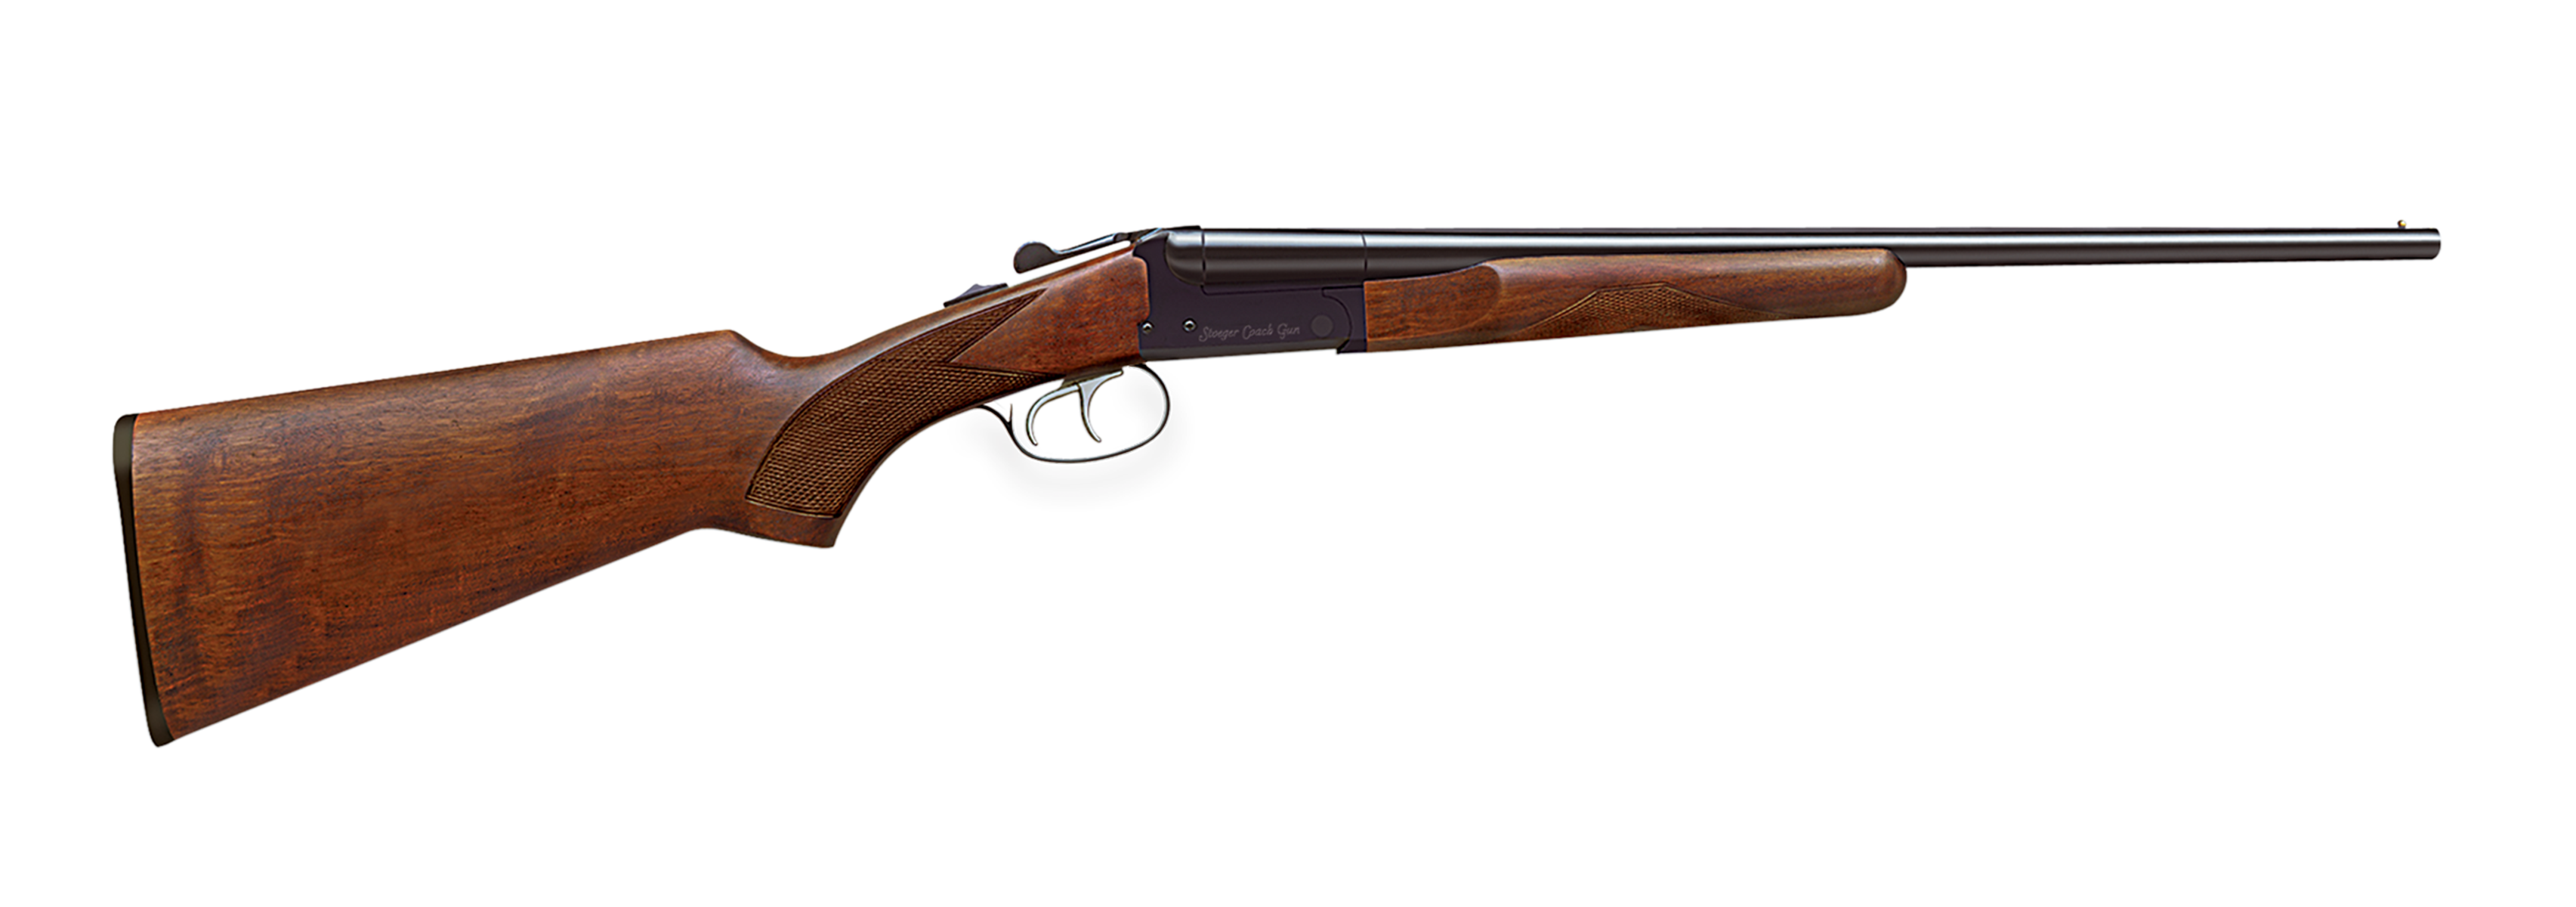 Colonial gun clipart.